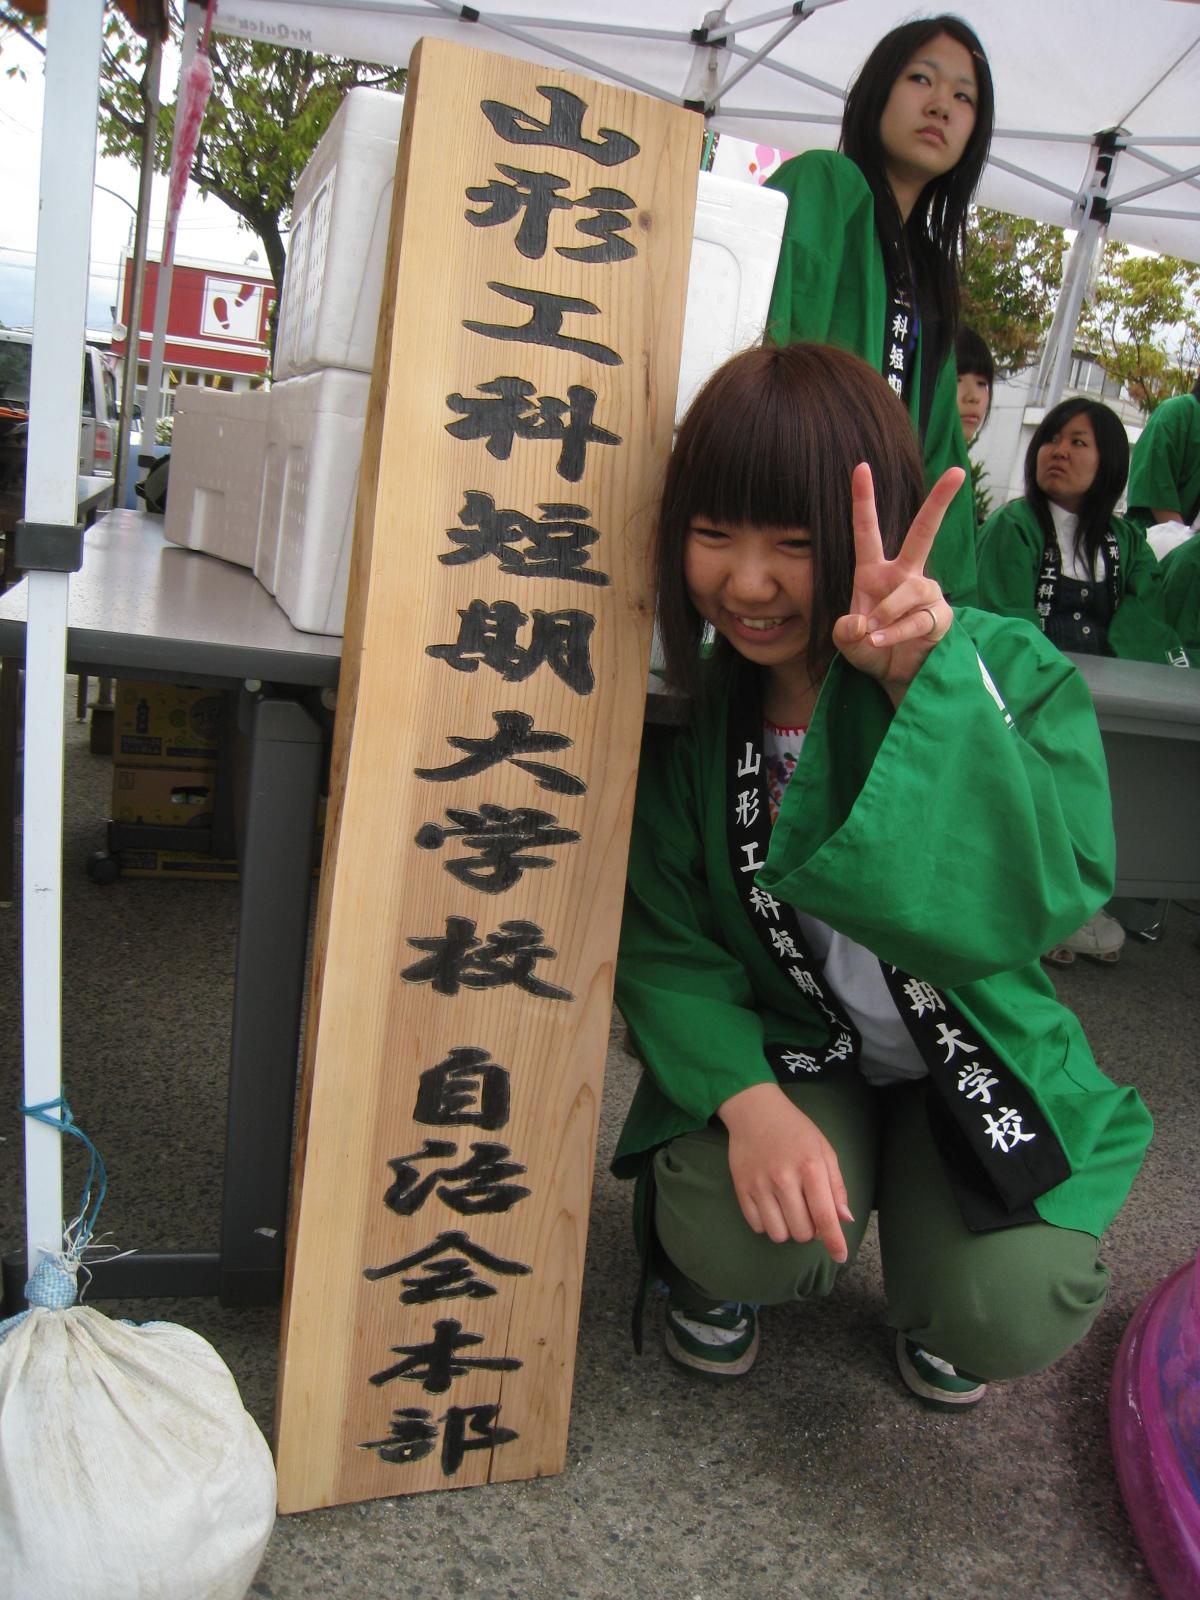 高知県建設職業能力開発短期大学校